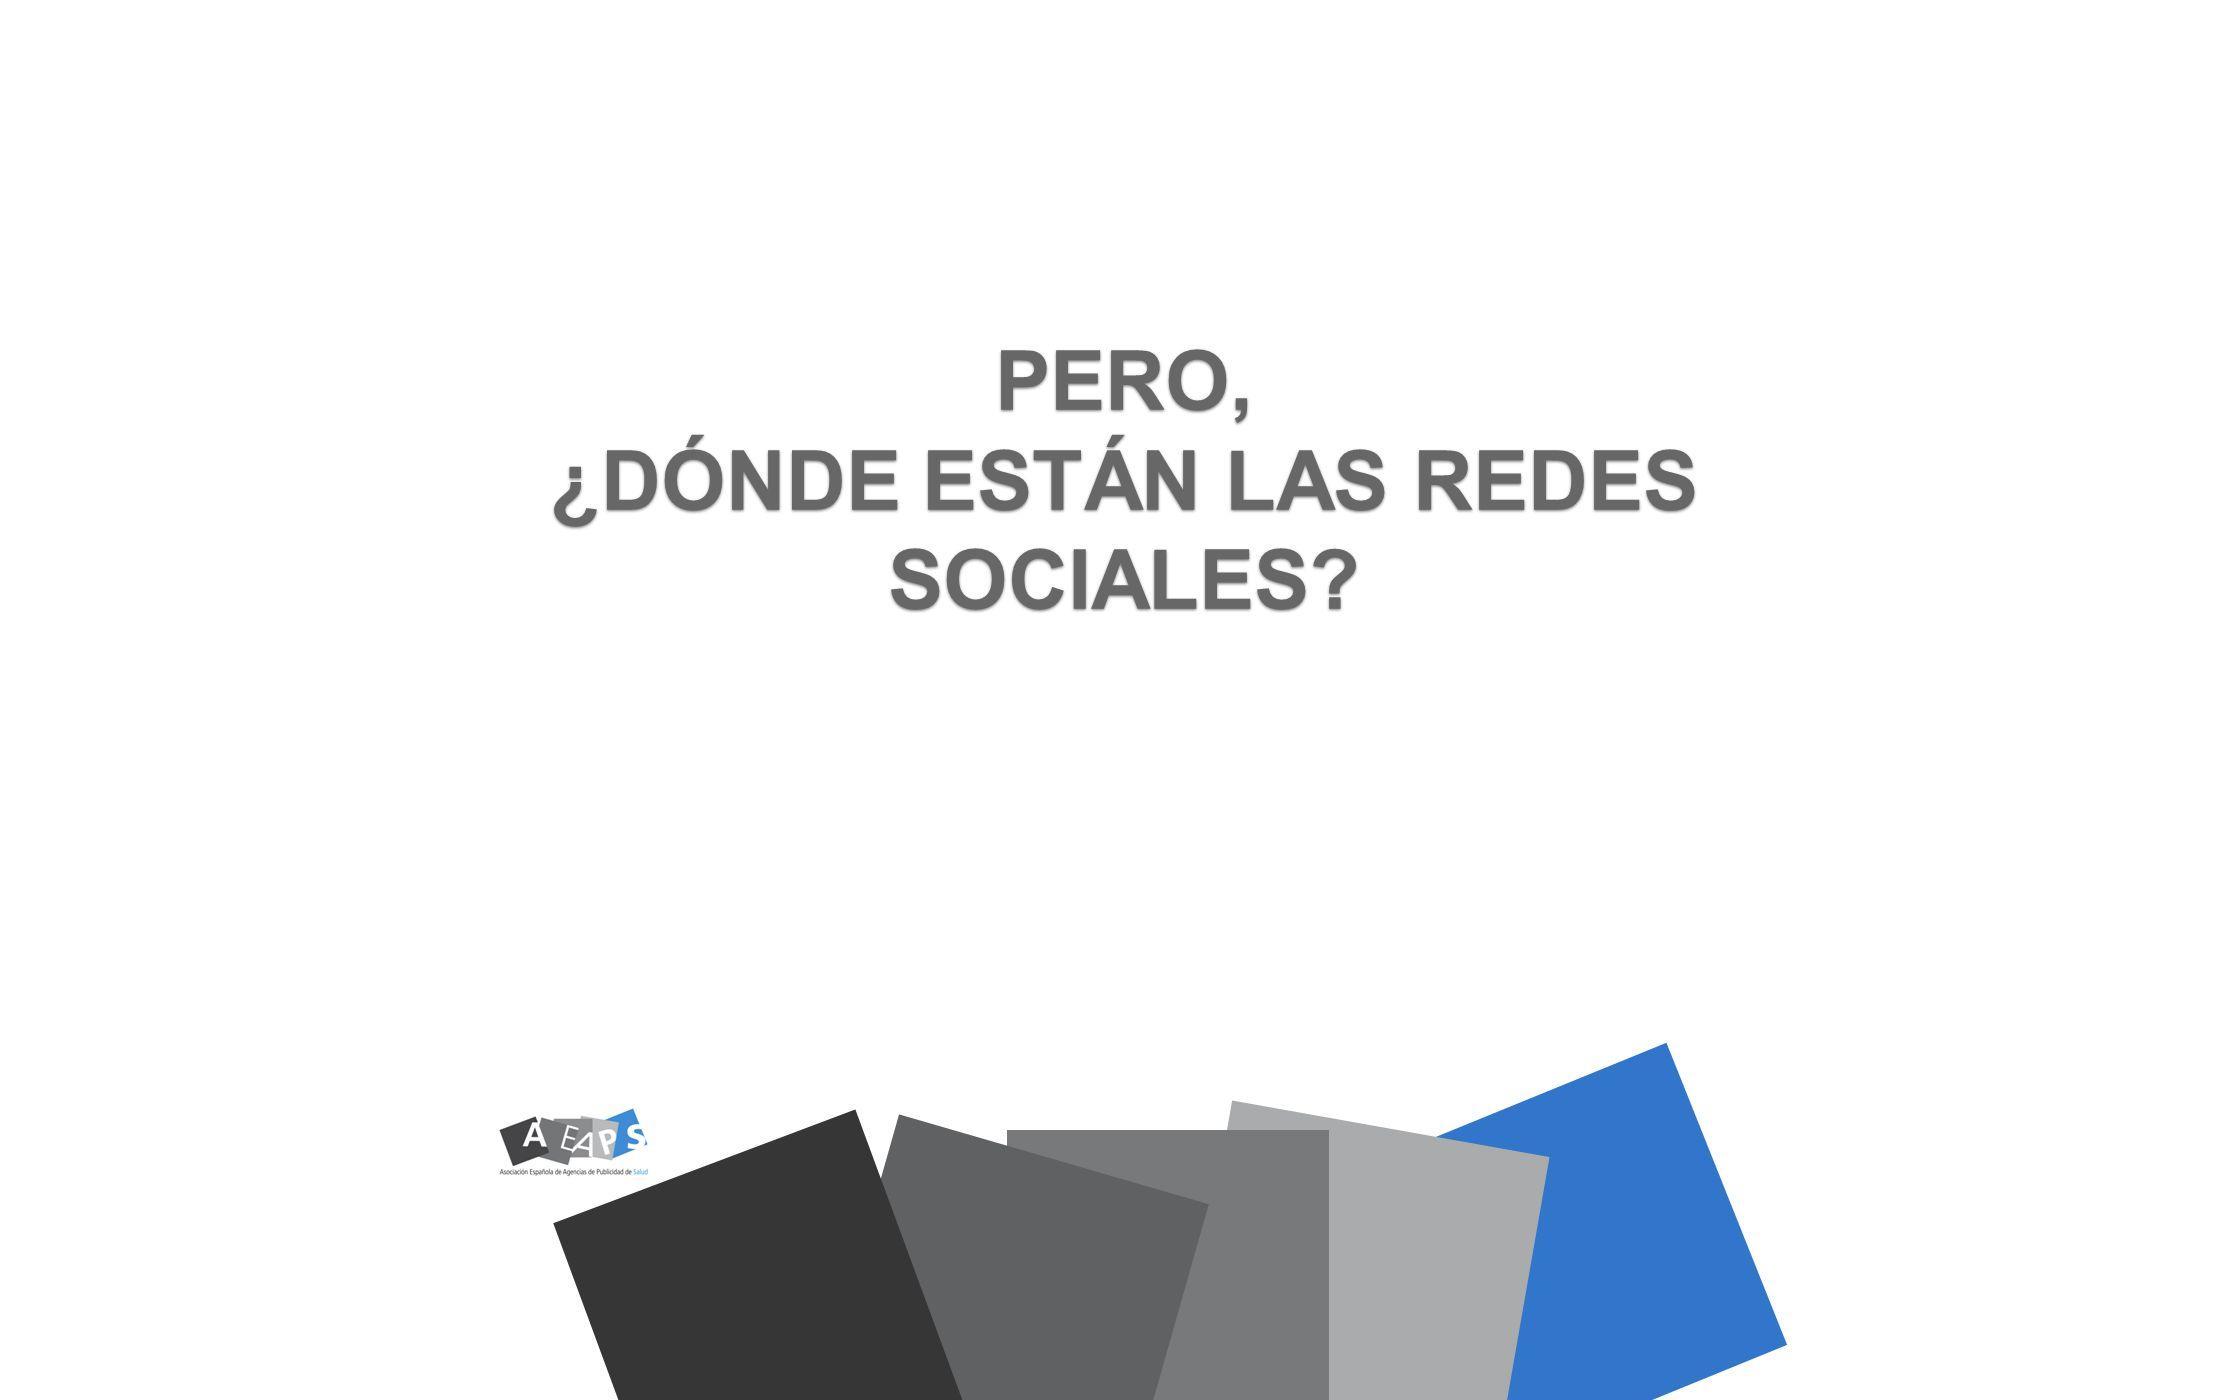 PERO, ¿DÓNDE ESTÁN LAS REDES SOCIALES